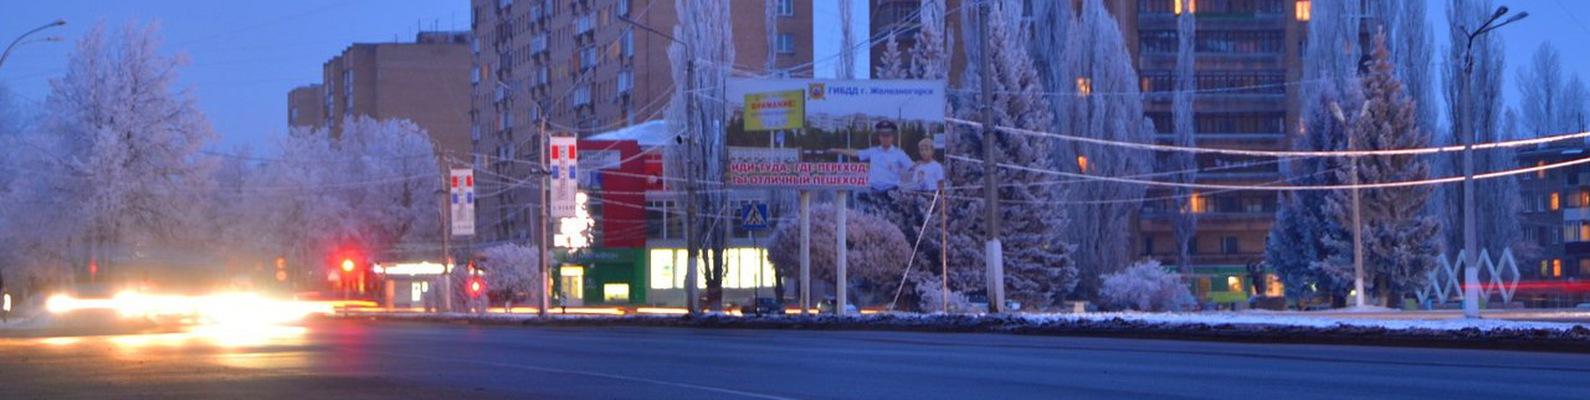 Купить женжину Курская ул. интим станция метро Маяковская